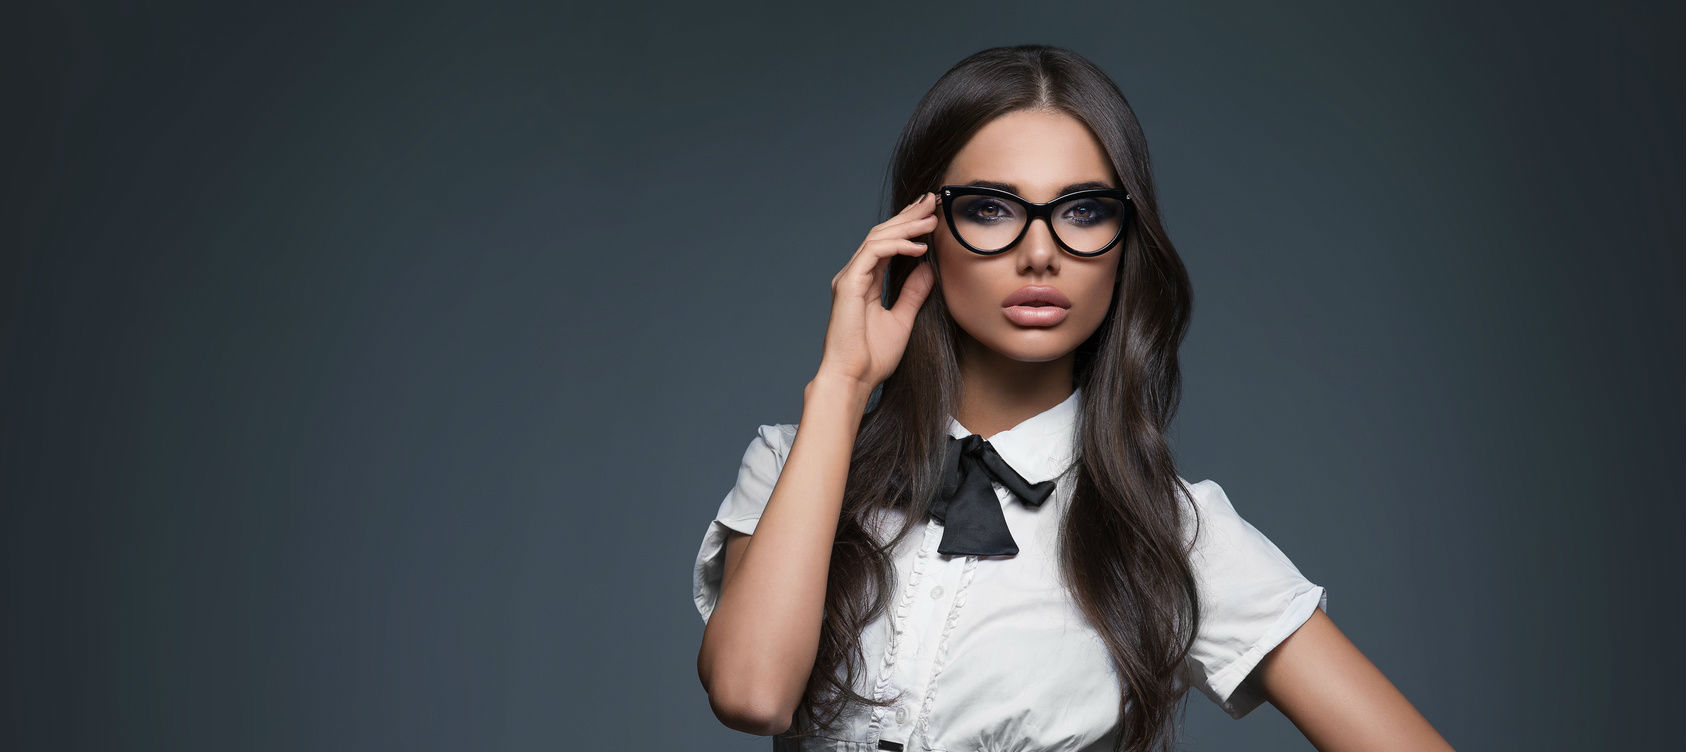 Buscamos el bienestar de tu salud visual